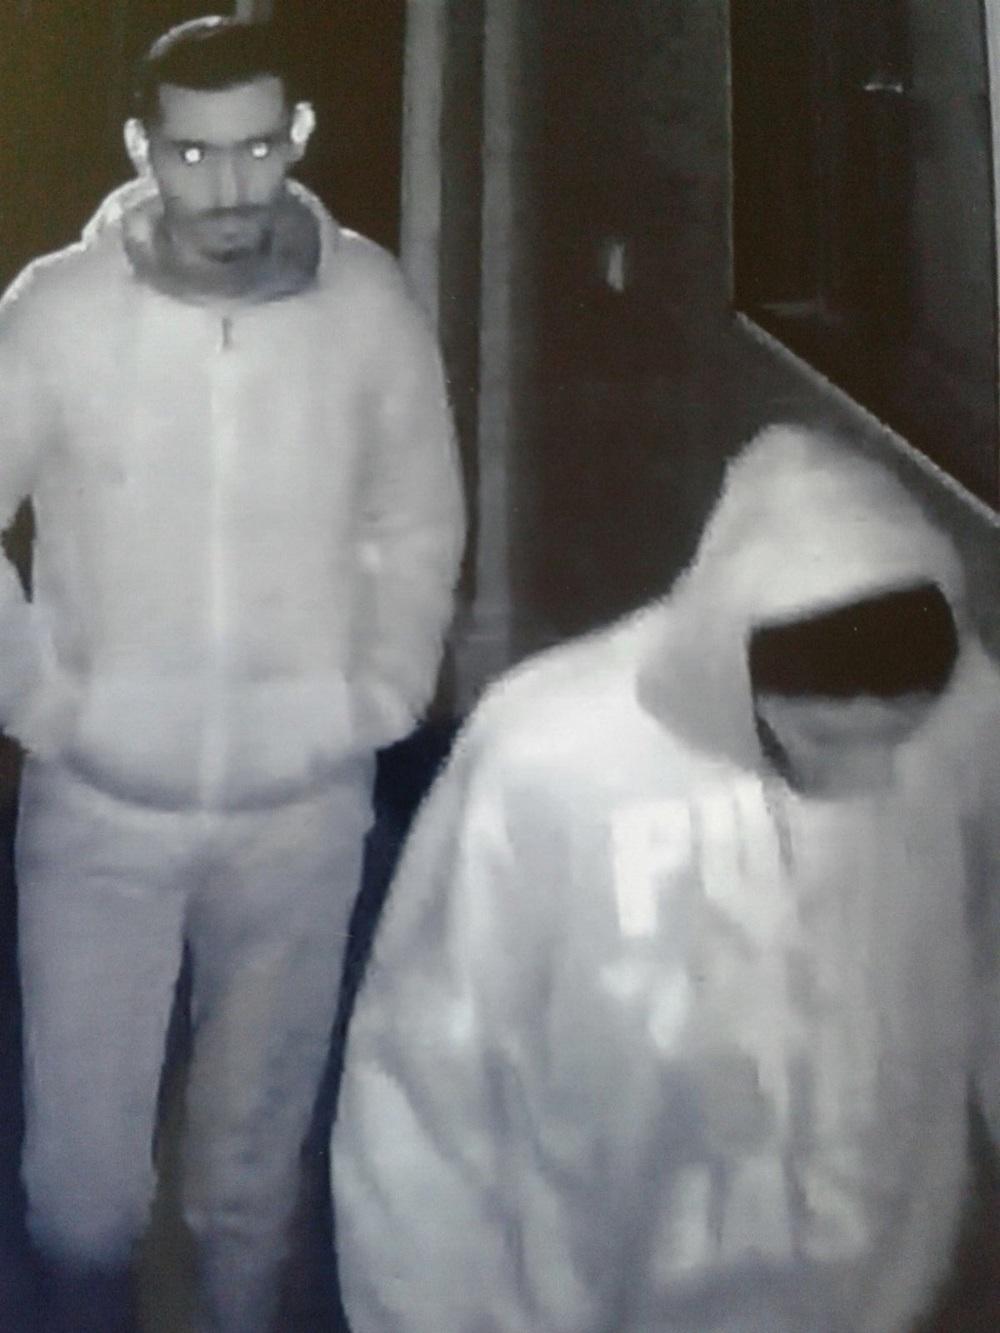 صورة من شريط فيديو اثناء تنفيذهما احدى السرقات الموصوفة